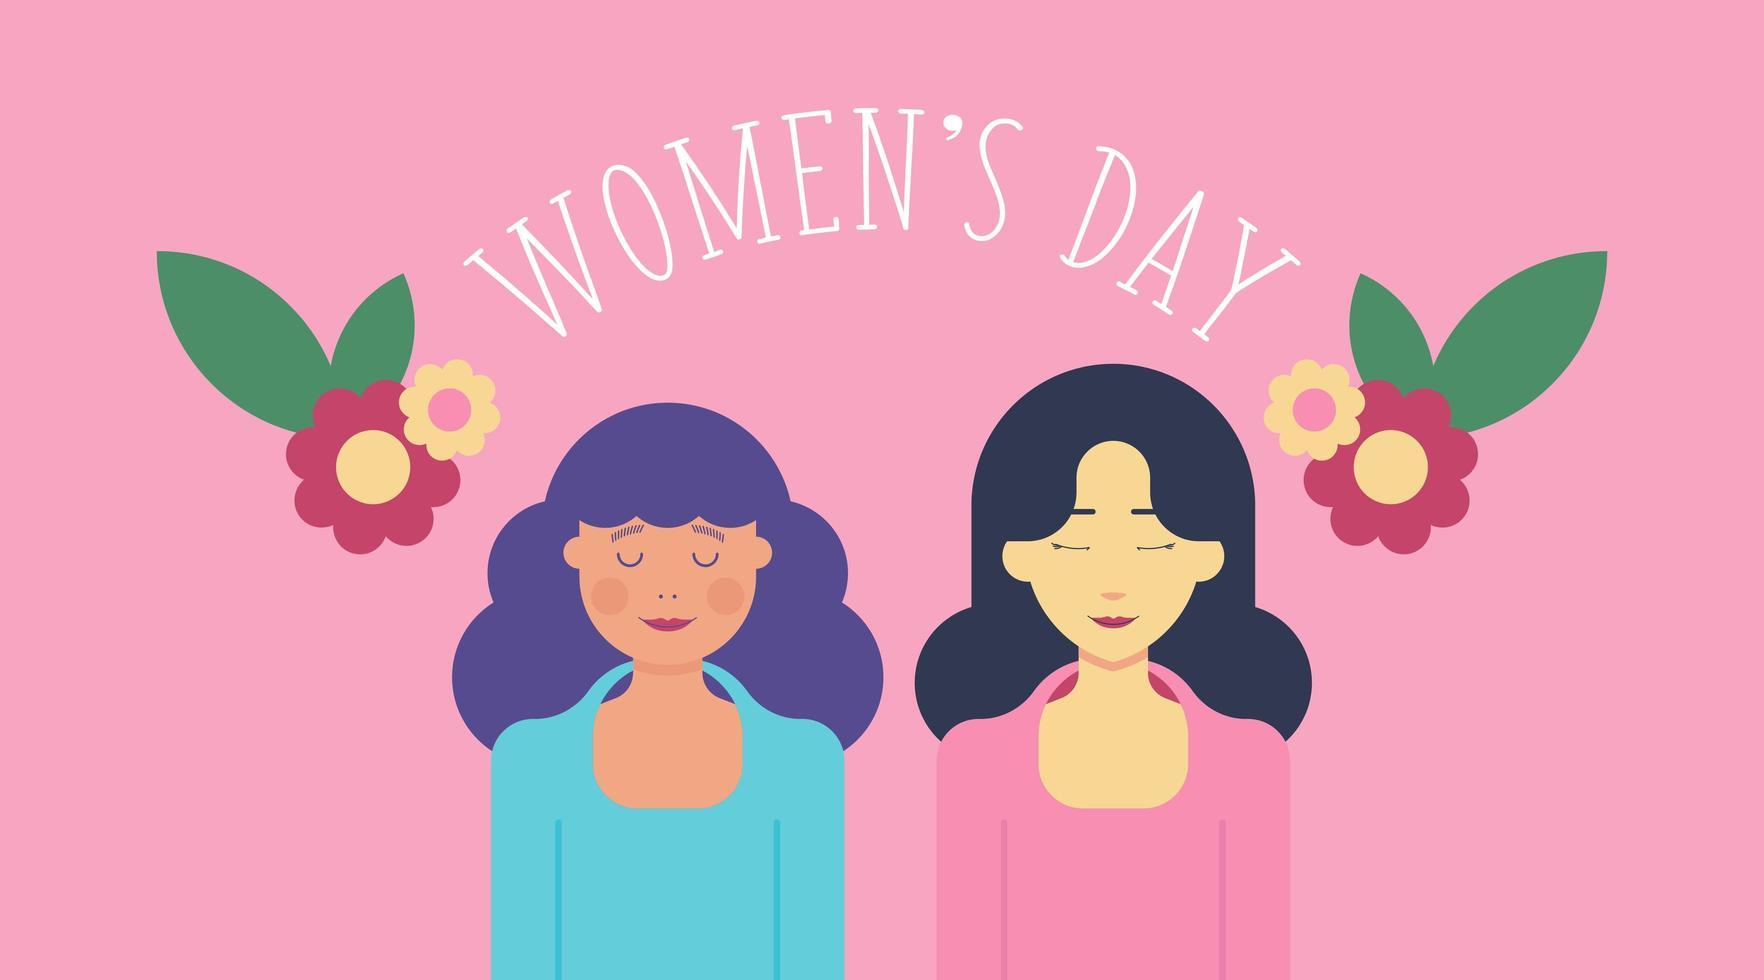 8 mars kvinnodagbakgrund med två kvinnor vektor